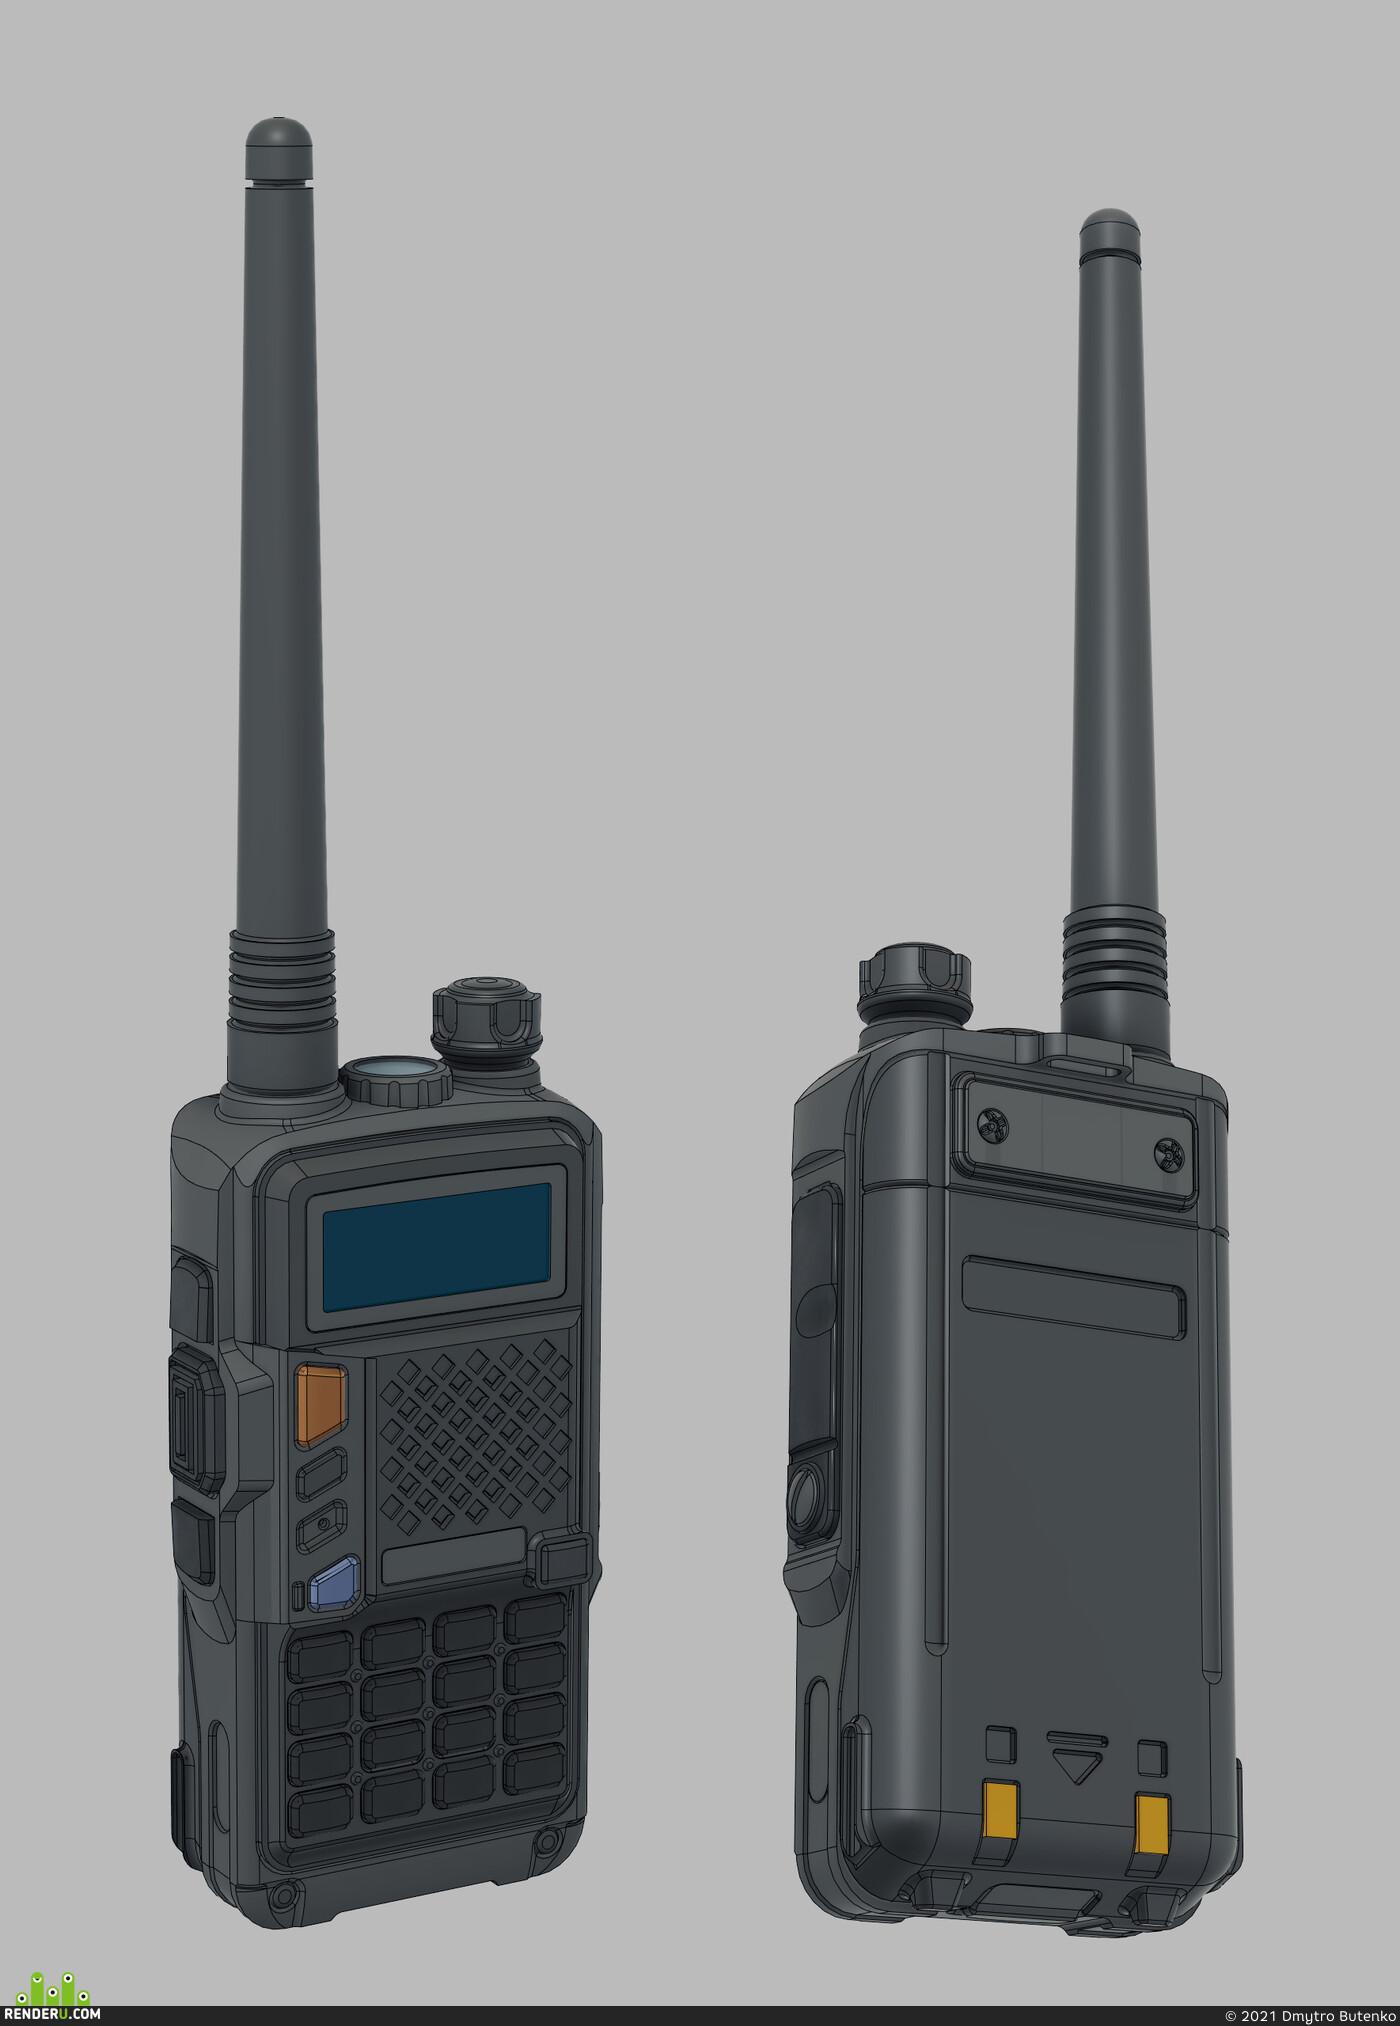 радио, хардсурфейс, хардсерф, игровая модель, мармосет